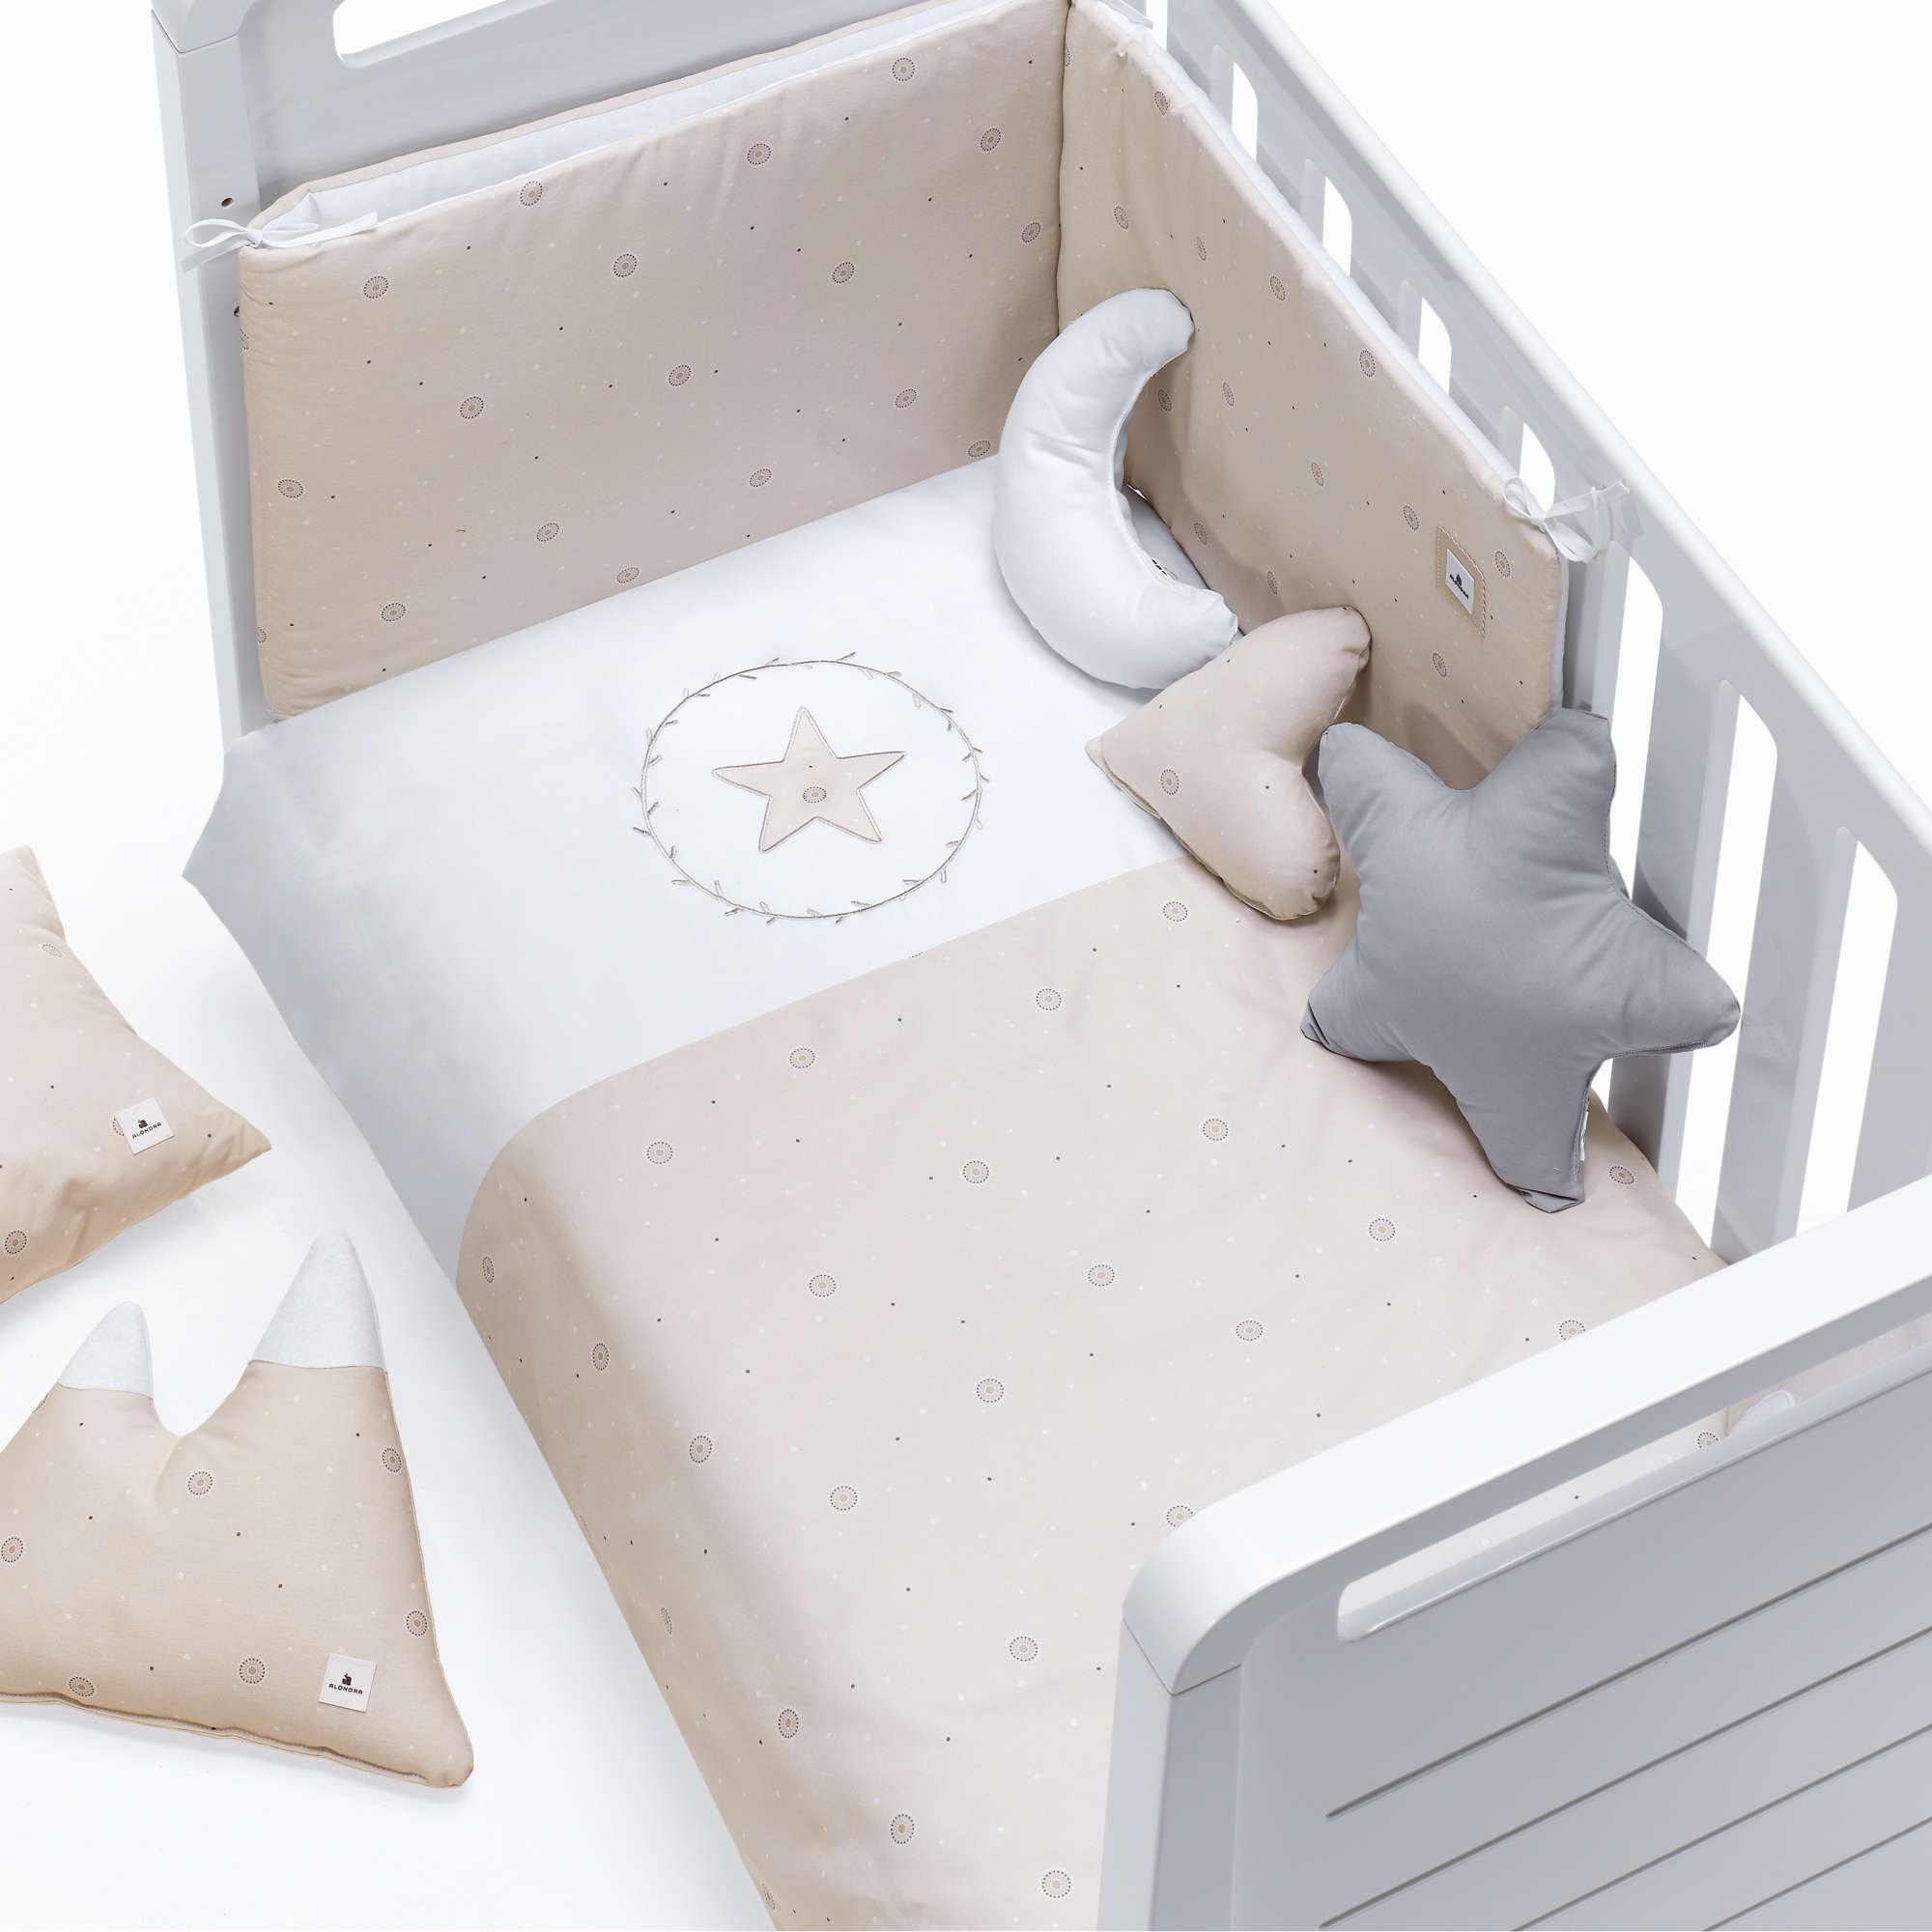 Colección textil para cuna de bebé en color beige